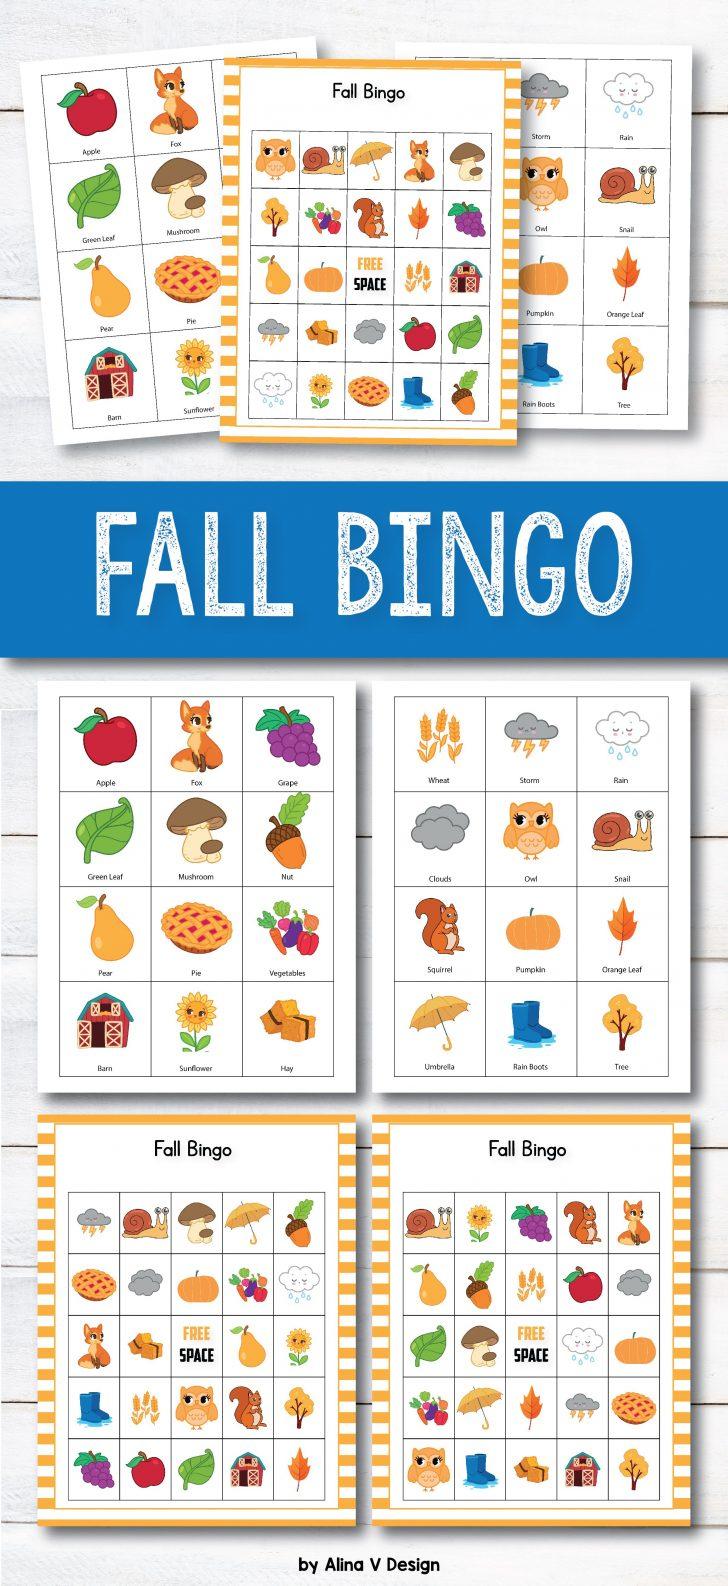 Printable Fall Bingo Cards